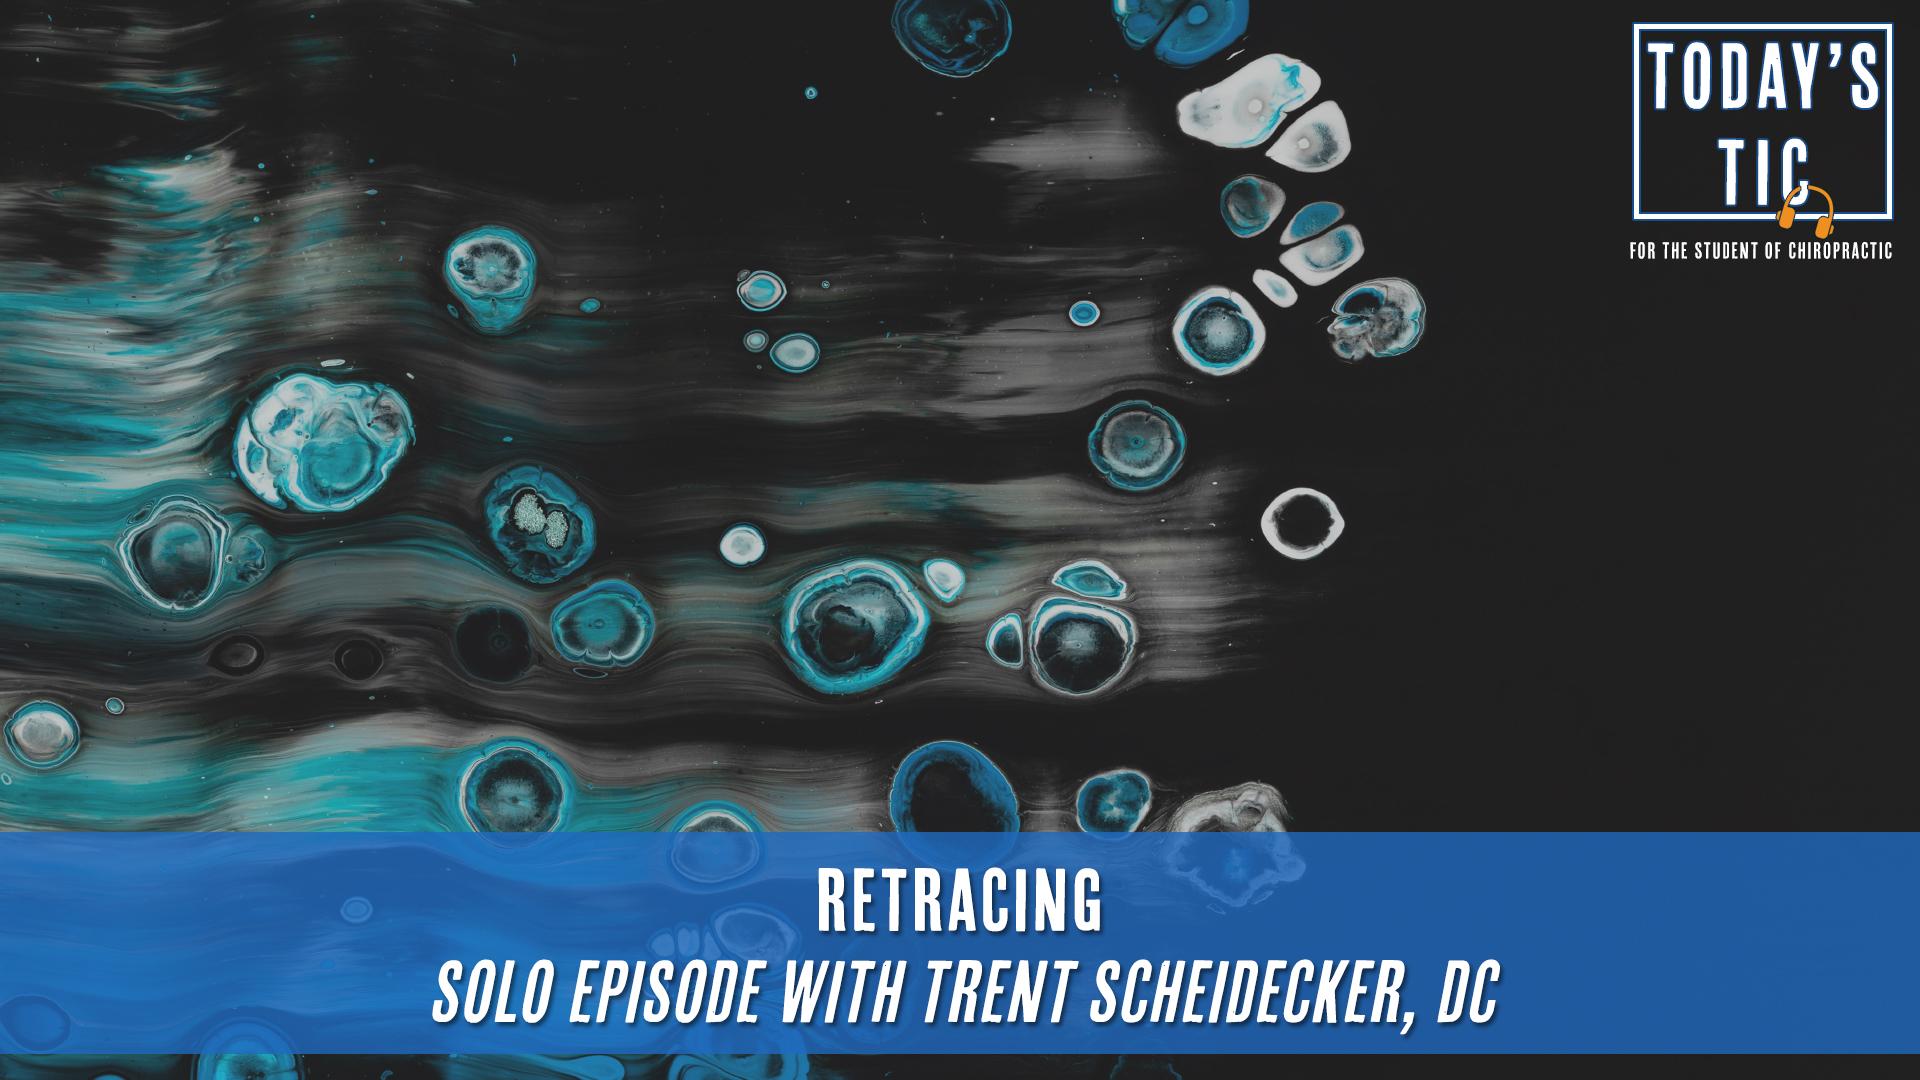 Retracing - Solo Episode with Trent Scheidecker, DC